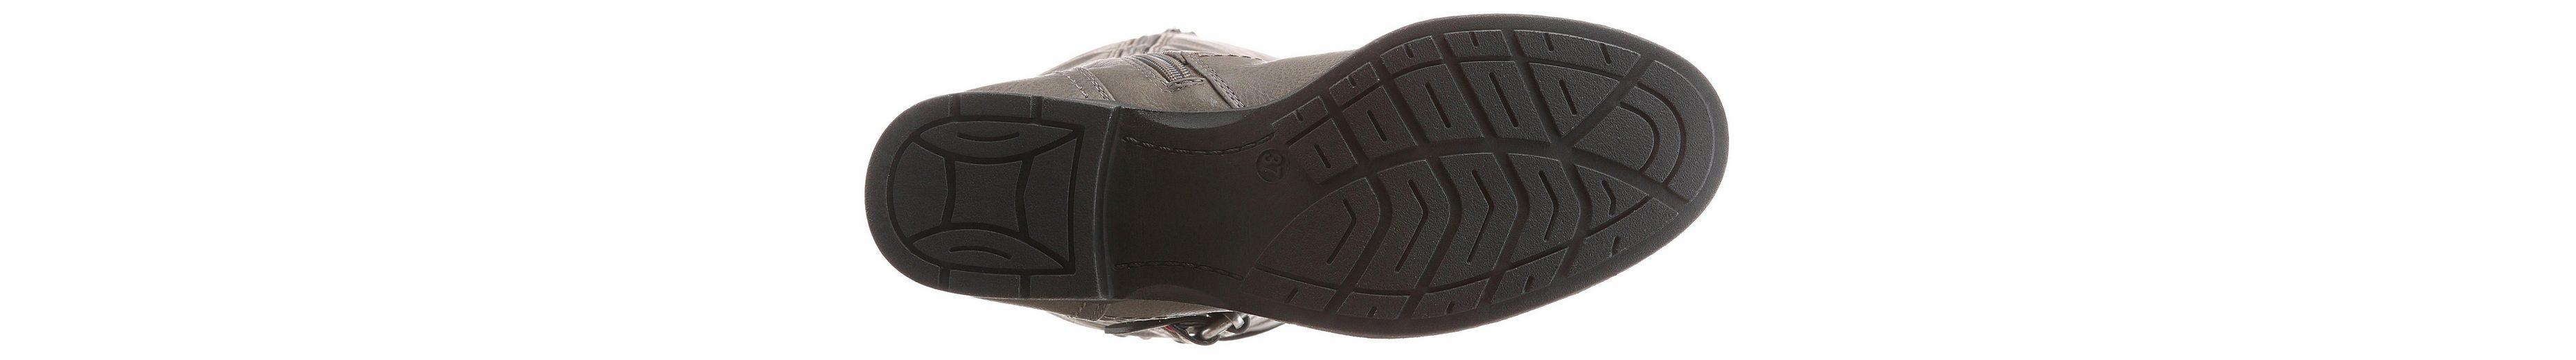 Arizona Stiefel, mit Deko-Schließen